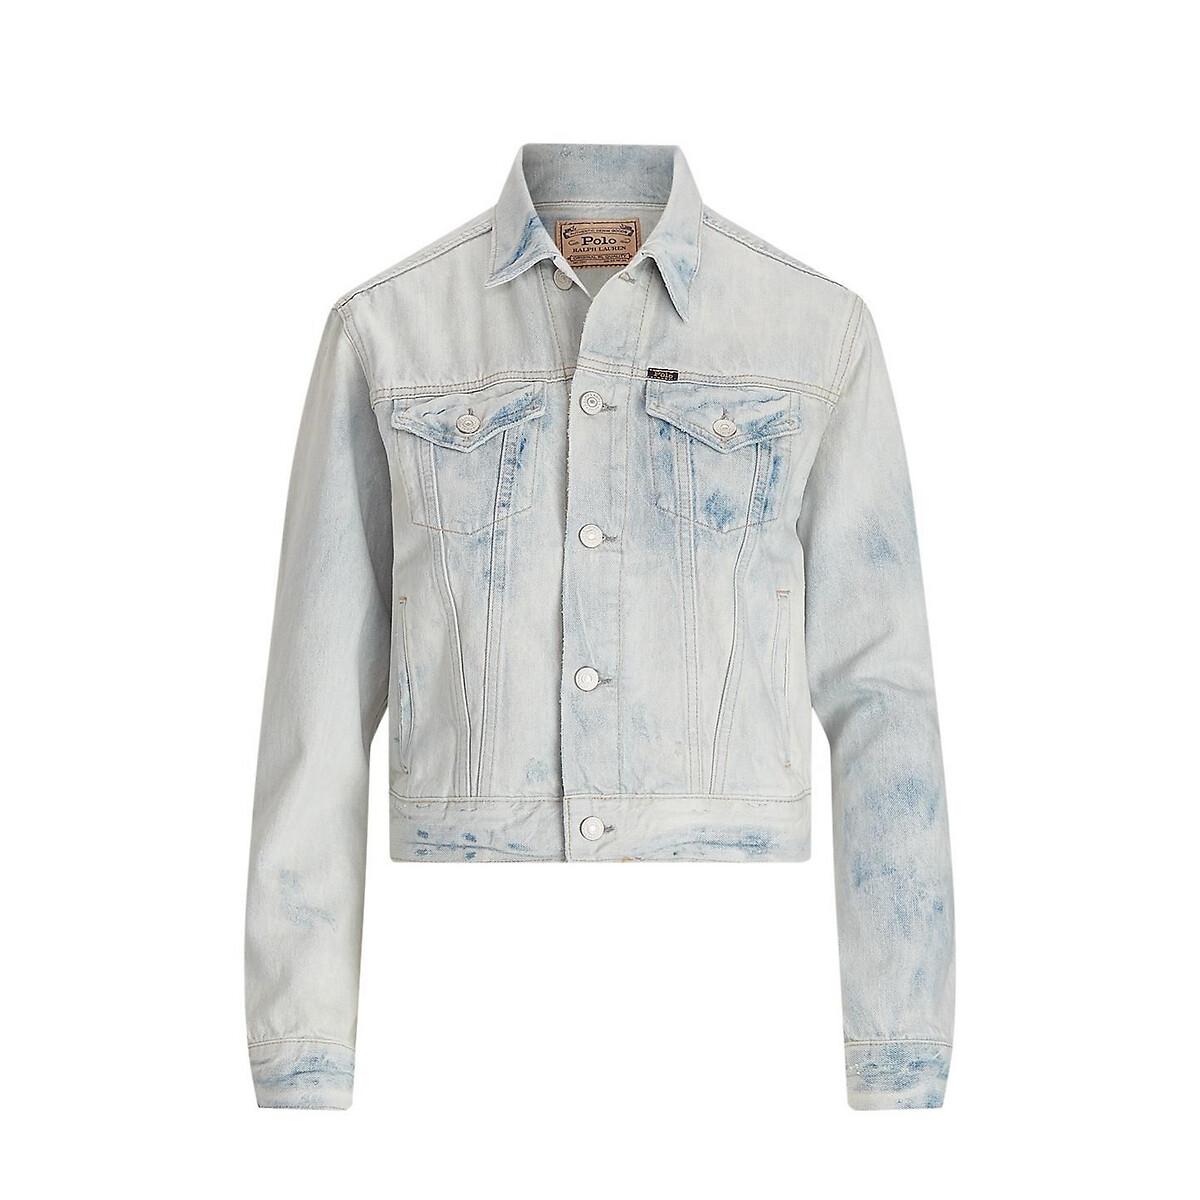 Жакет La Redoute Прямой джинсовый с эффектом делаве S синий бермуды la redoute из джинсовой ткани jjirrick jjicon s синий